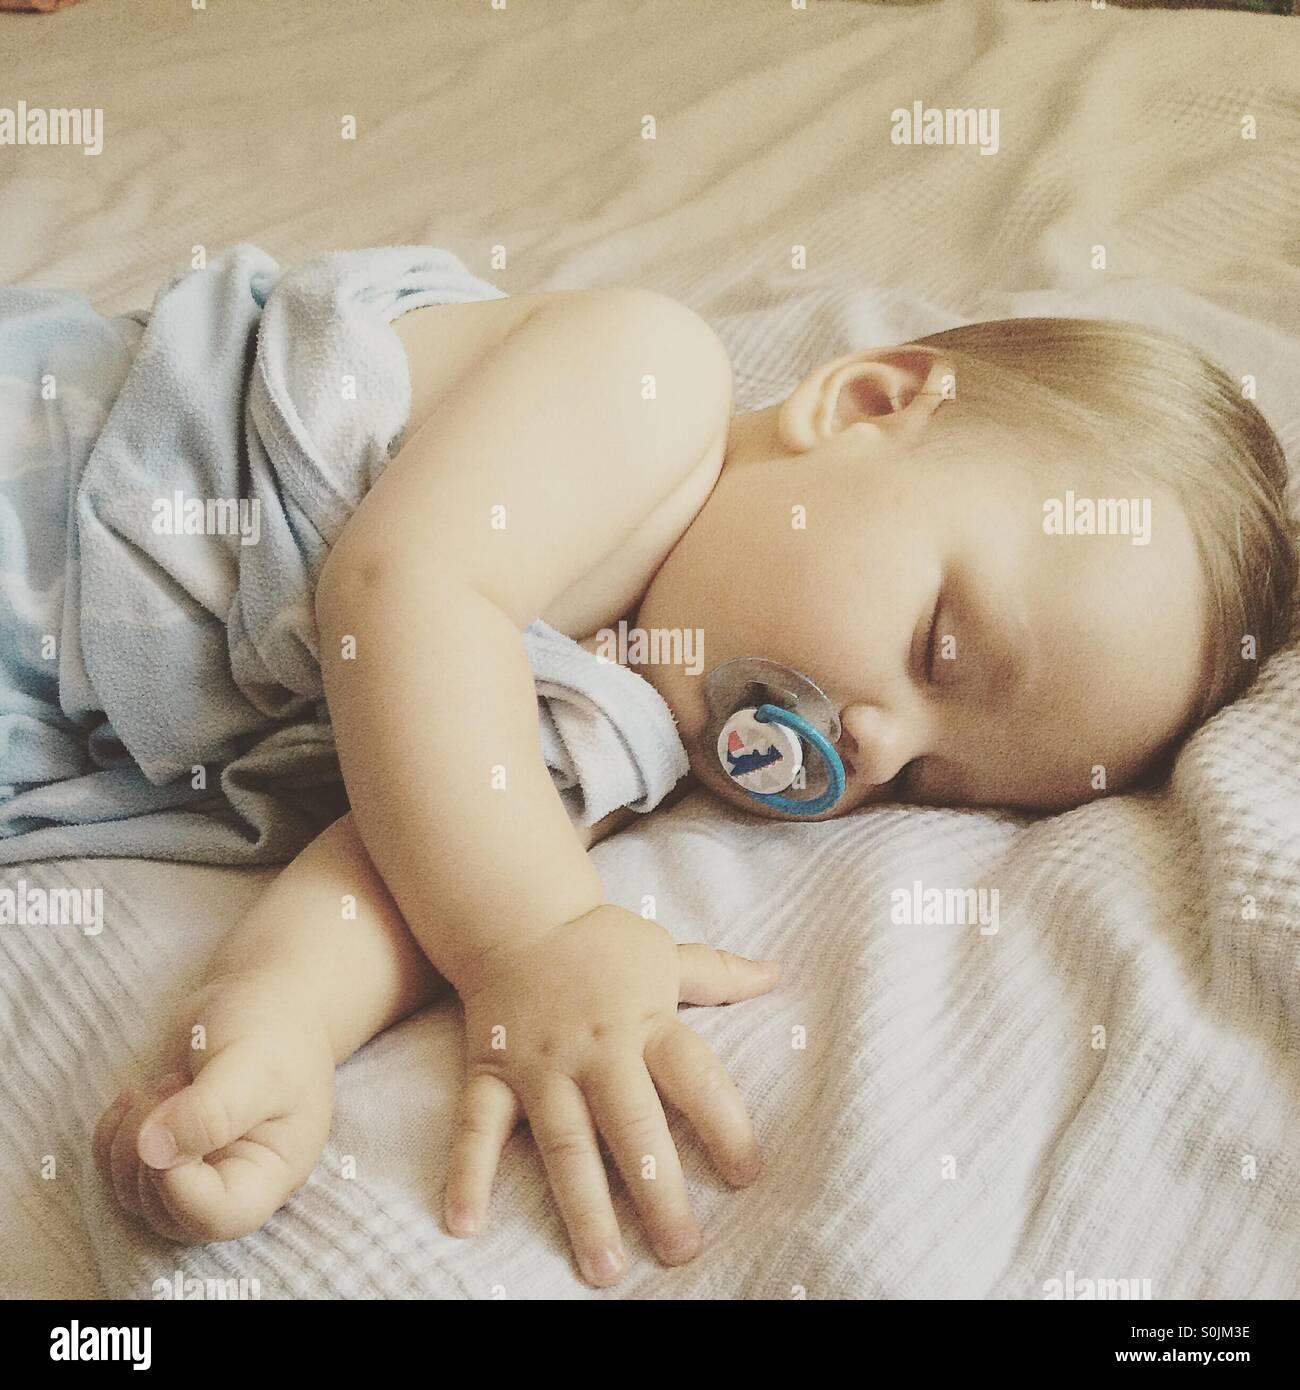 8 mese fa bambino dorme tranquillamente in una calda giornata estiva sui genitori letto ricoperto con una luce blu, Immagini Stock